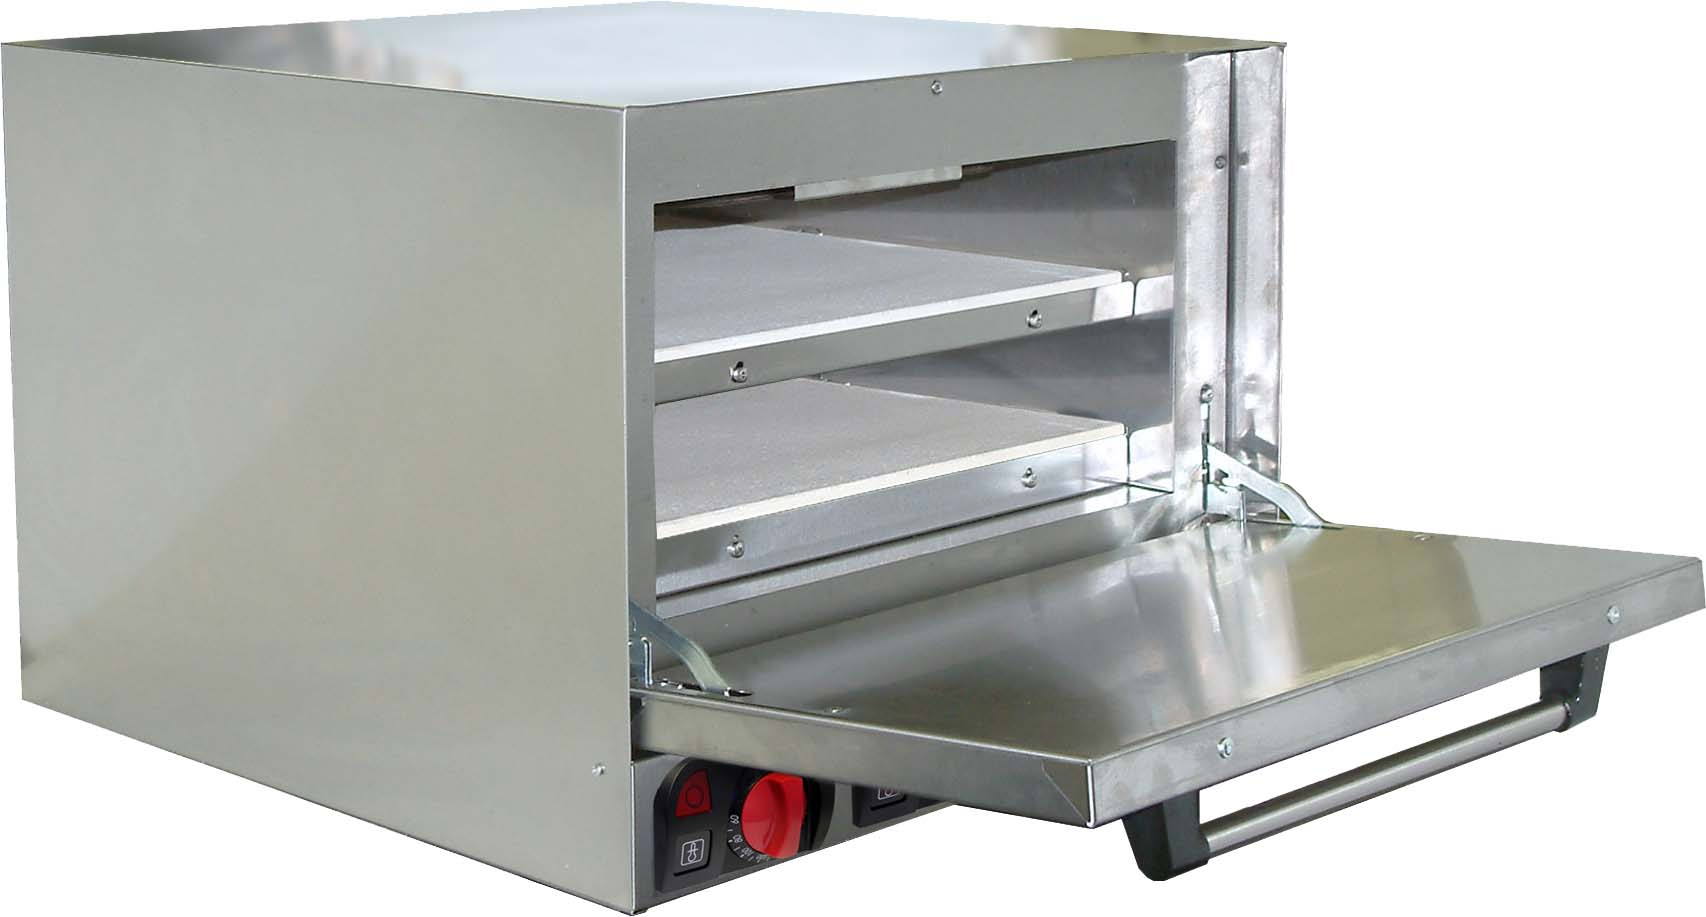 poa1001--pizza-oven-anvil--twin-shelf